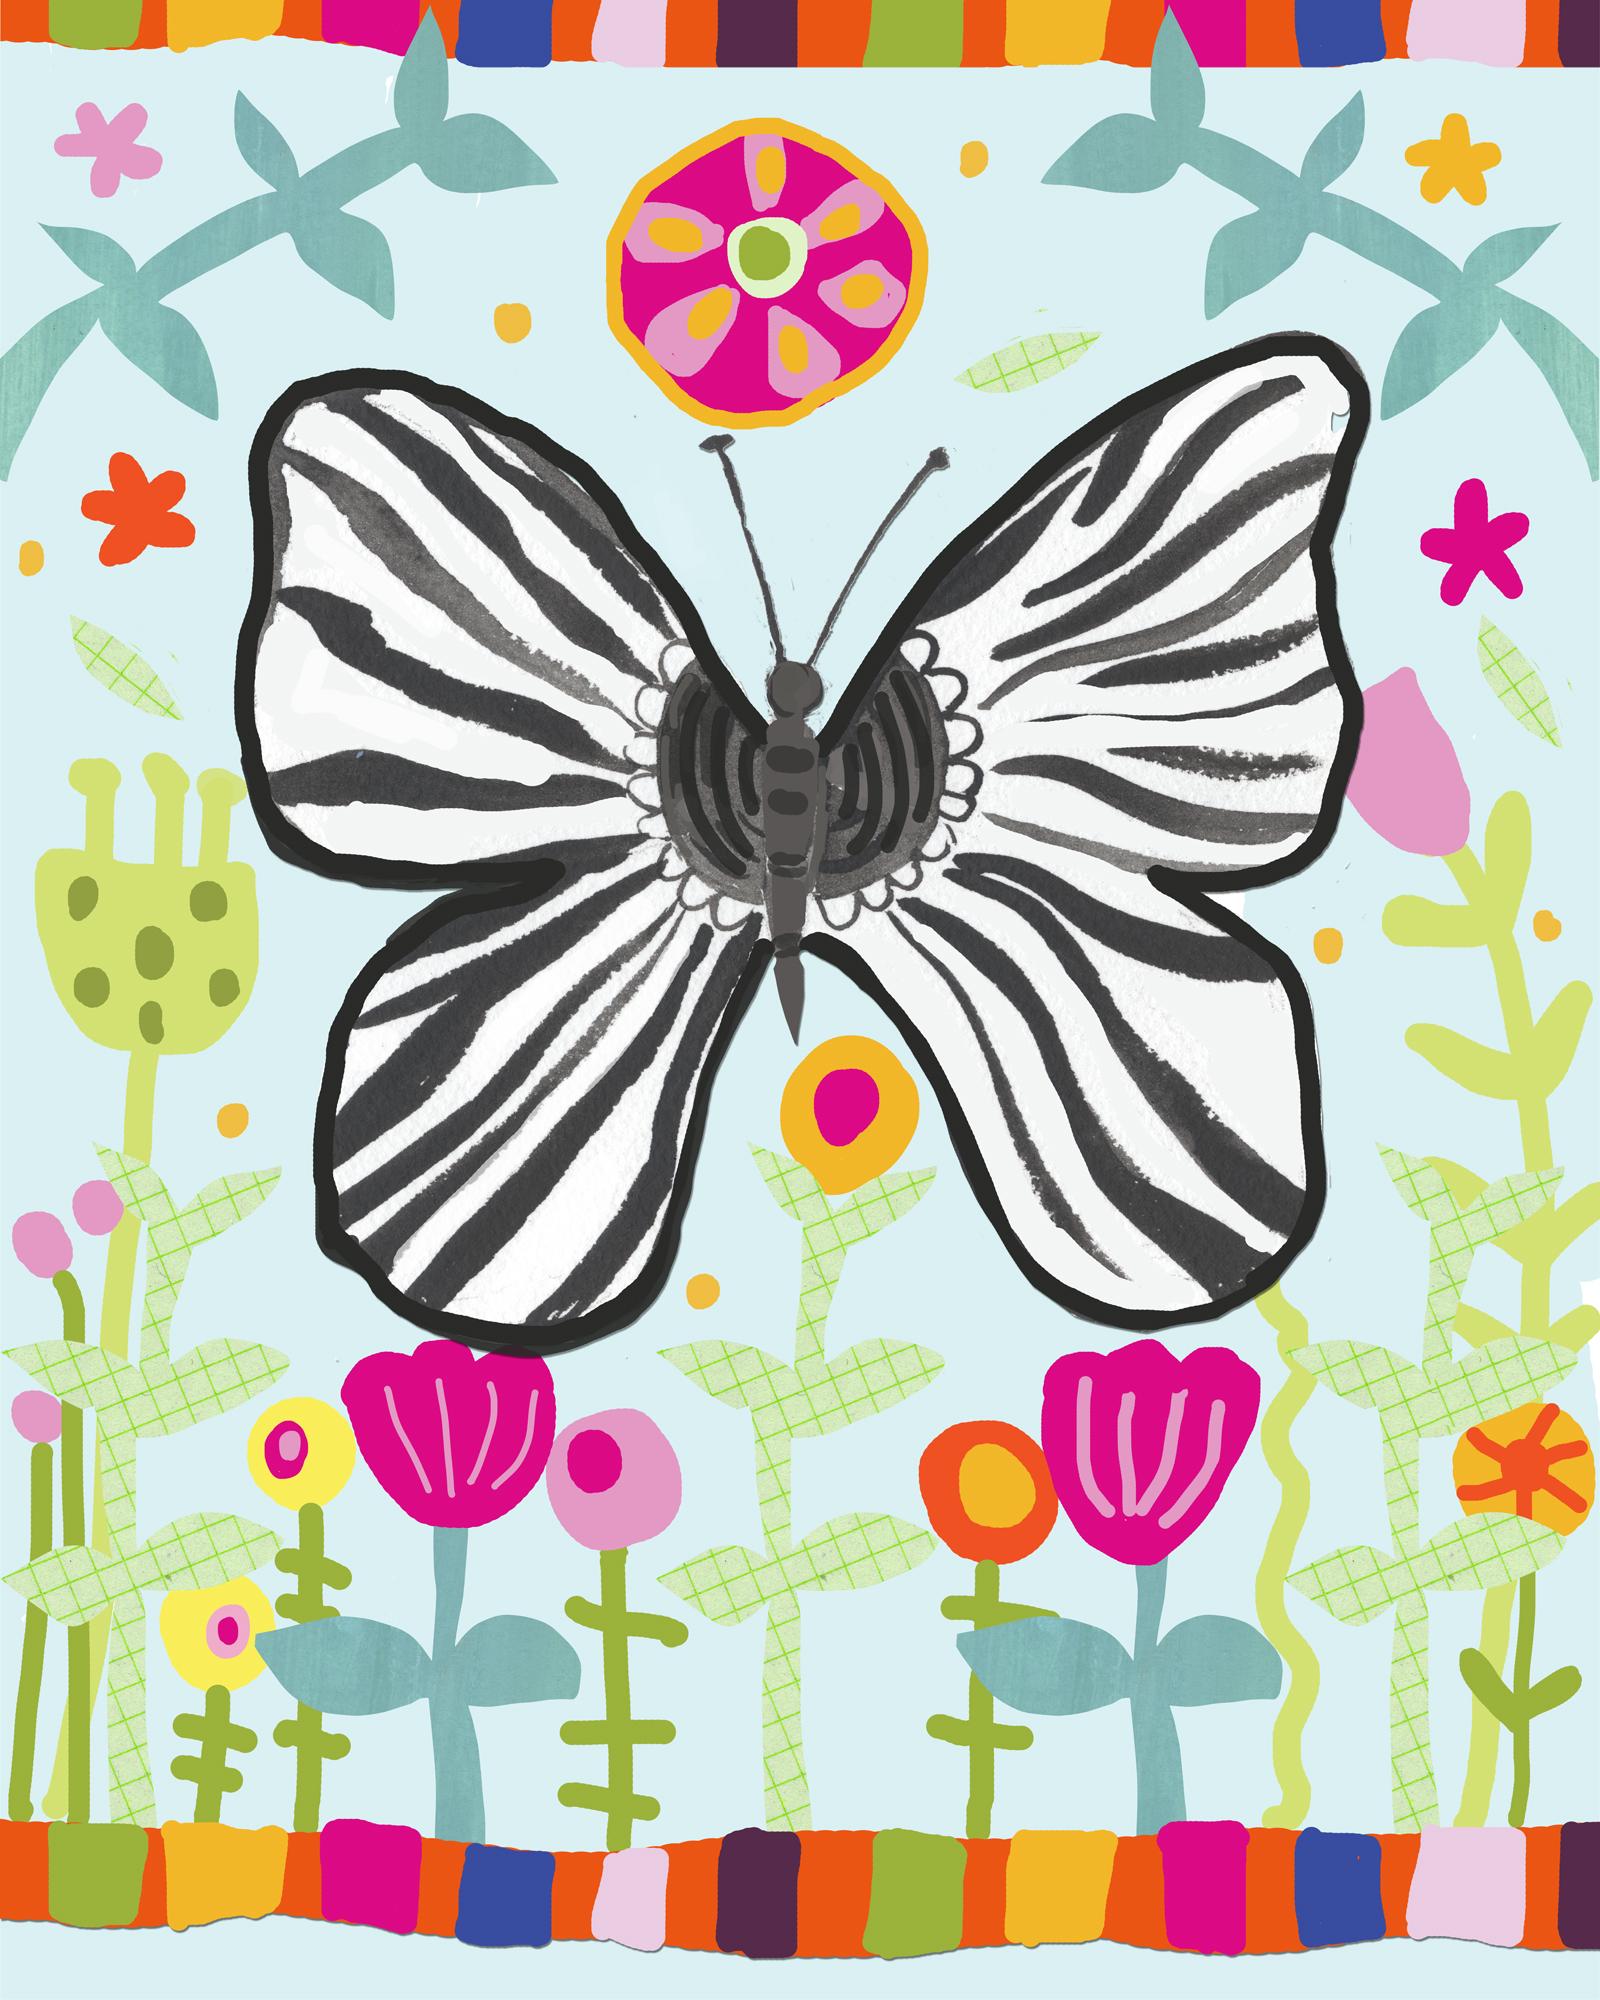 zam_candy_butterfly_011